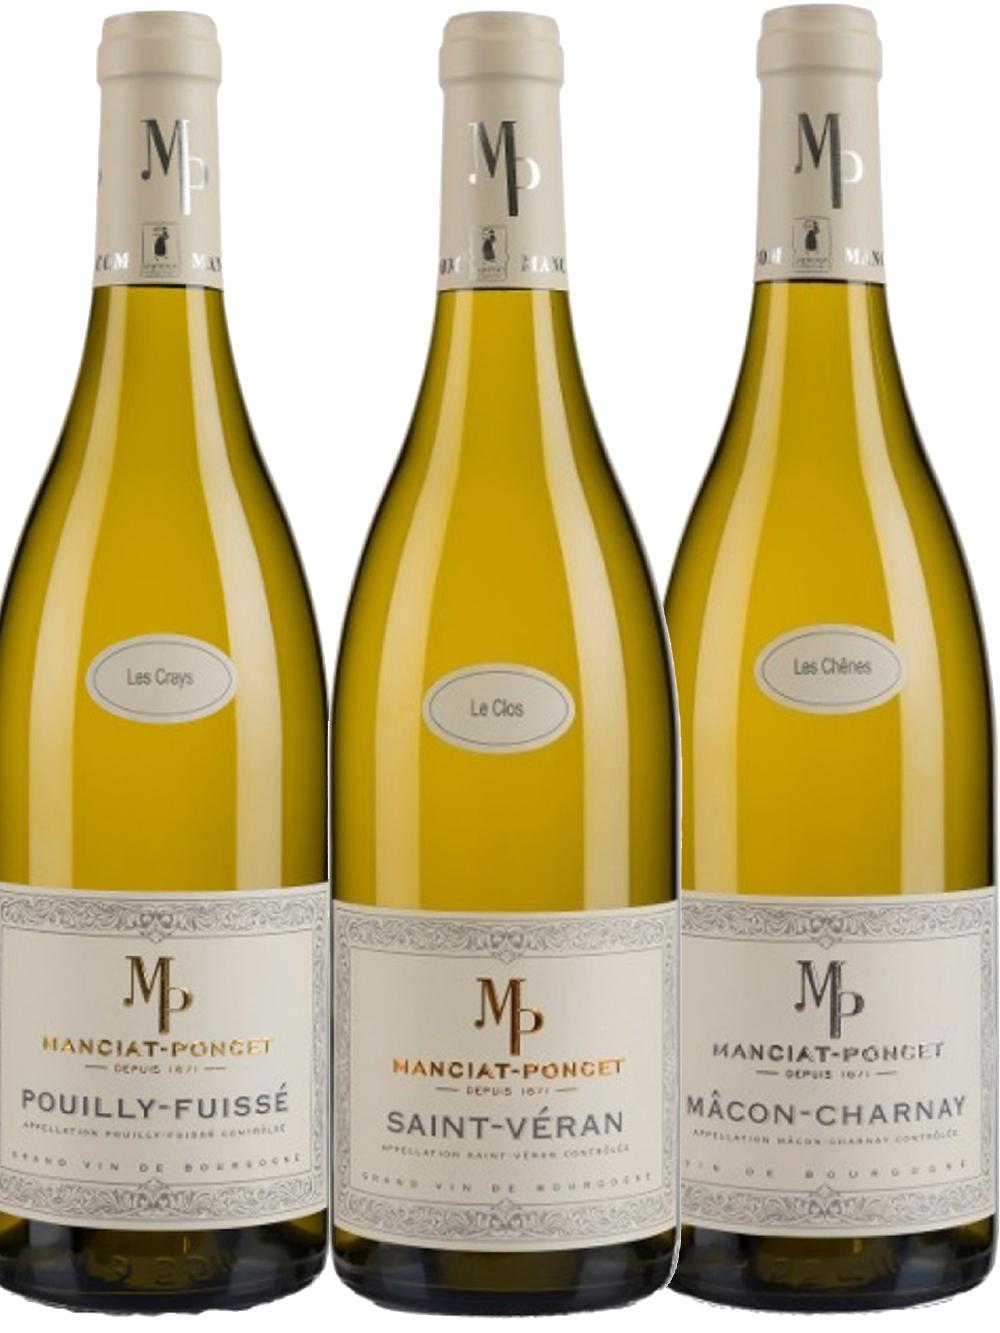 Ontdek de wijnen van Manciat-Poncet